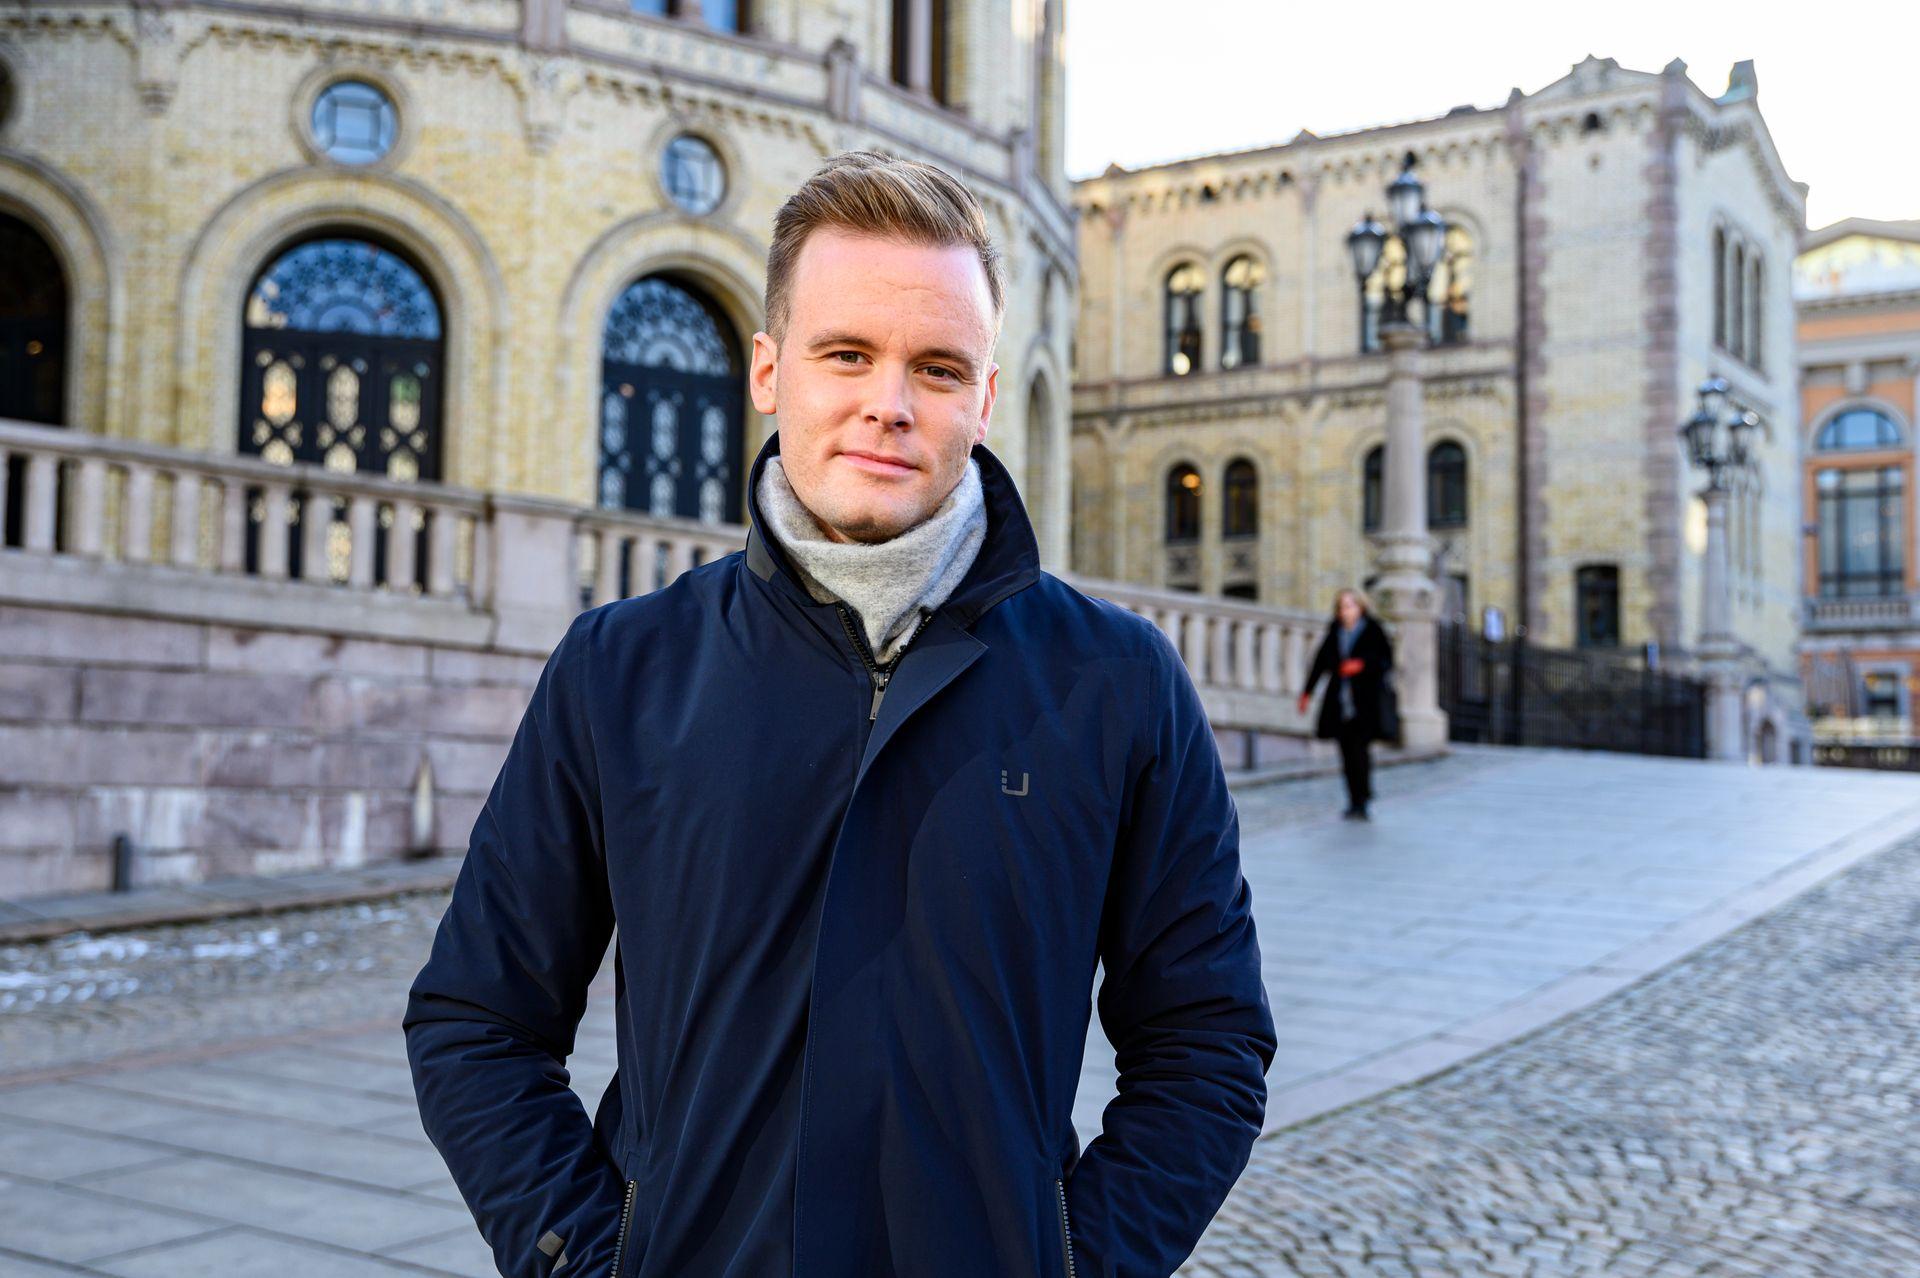 Nrk Cato Er Bekymret For Den Politiske Journalistikken I Norge Det Henger Noen Morke Skyer Over Den Medier24 No